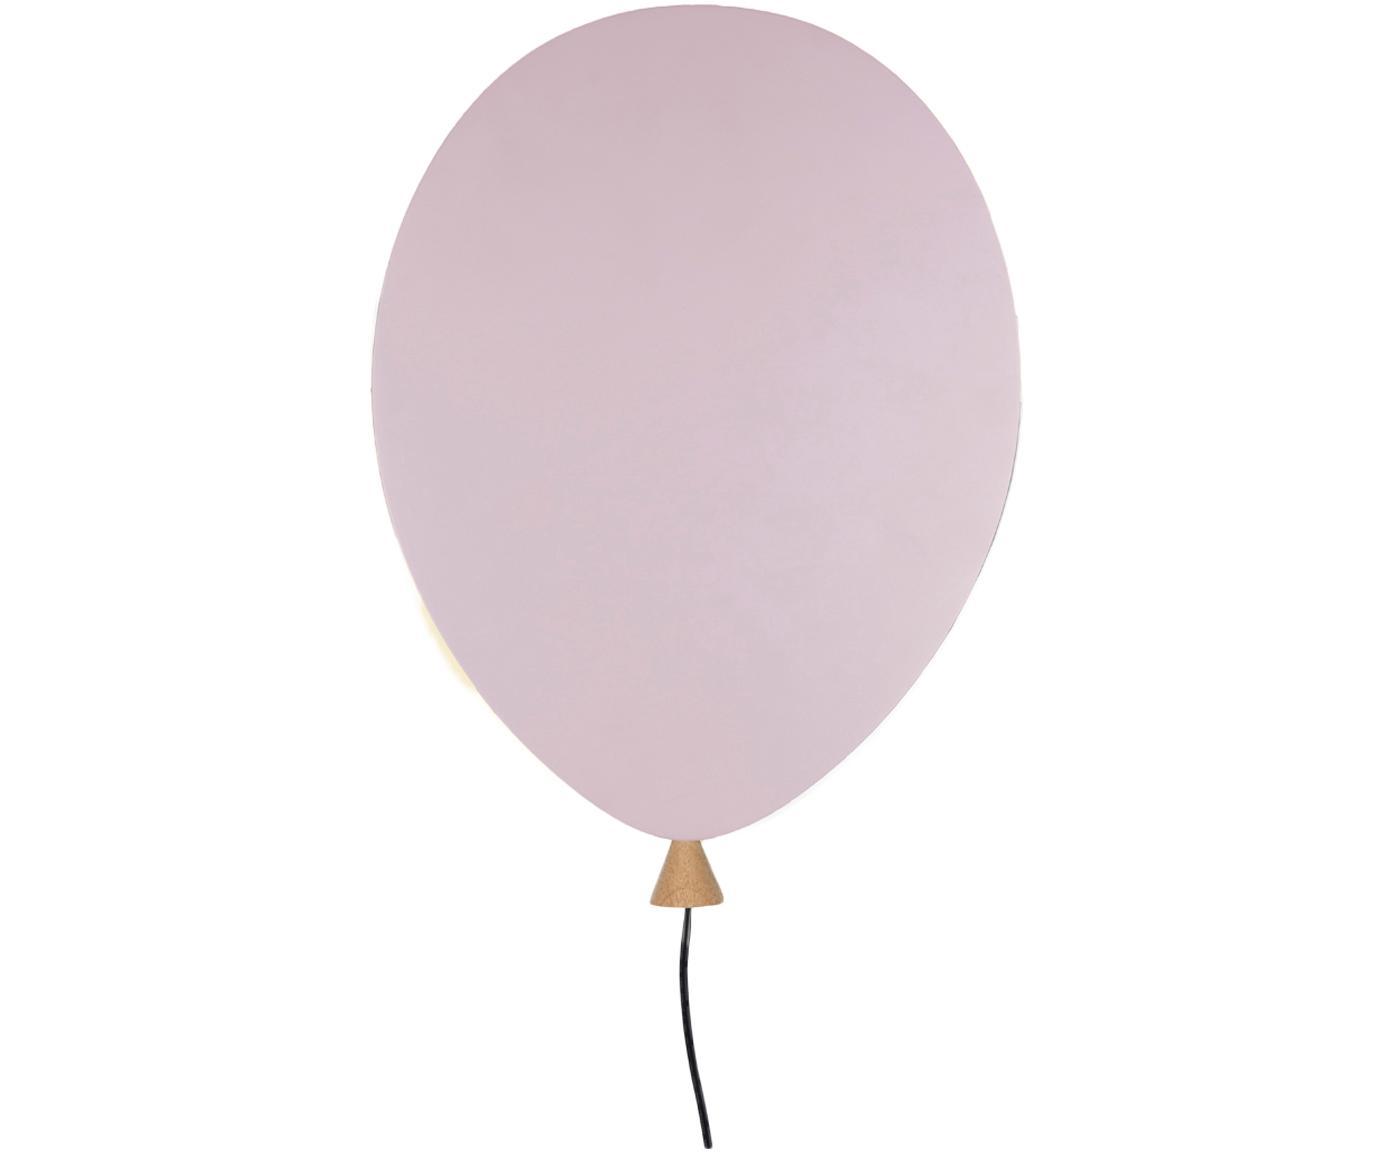 Kinkiet z wtyczką Balloon, Blady różowy, S 25 x W 35 cm